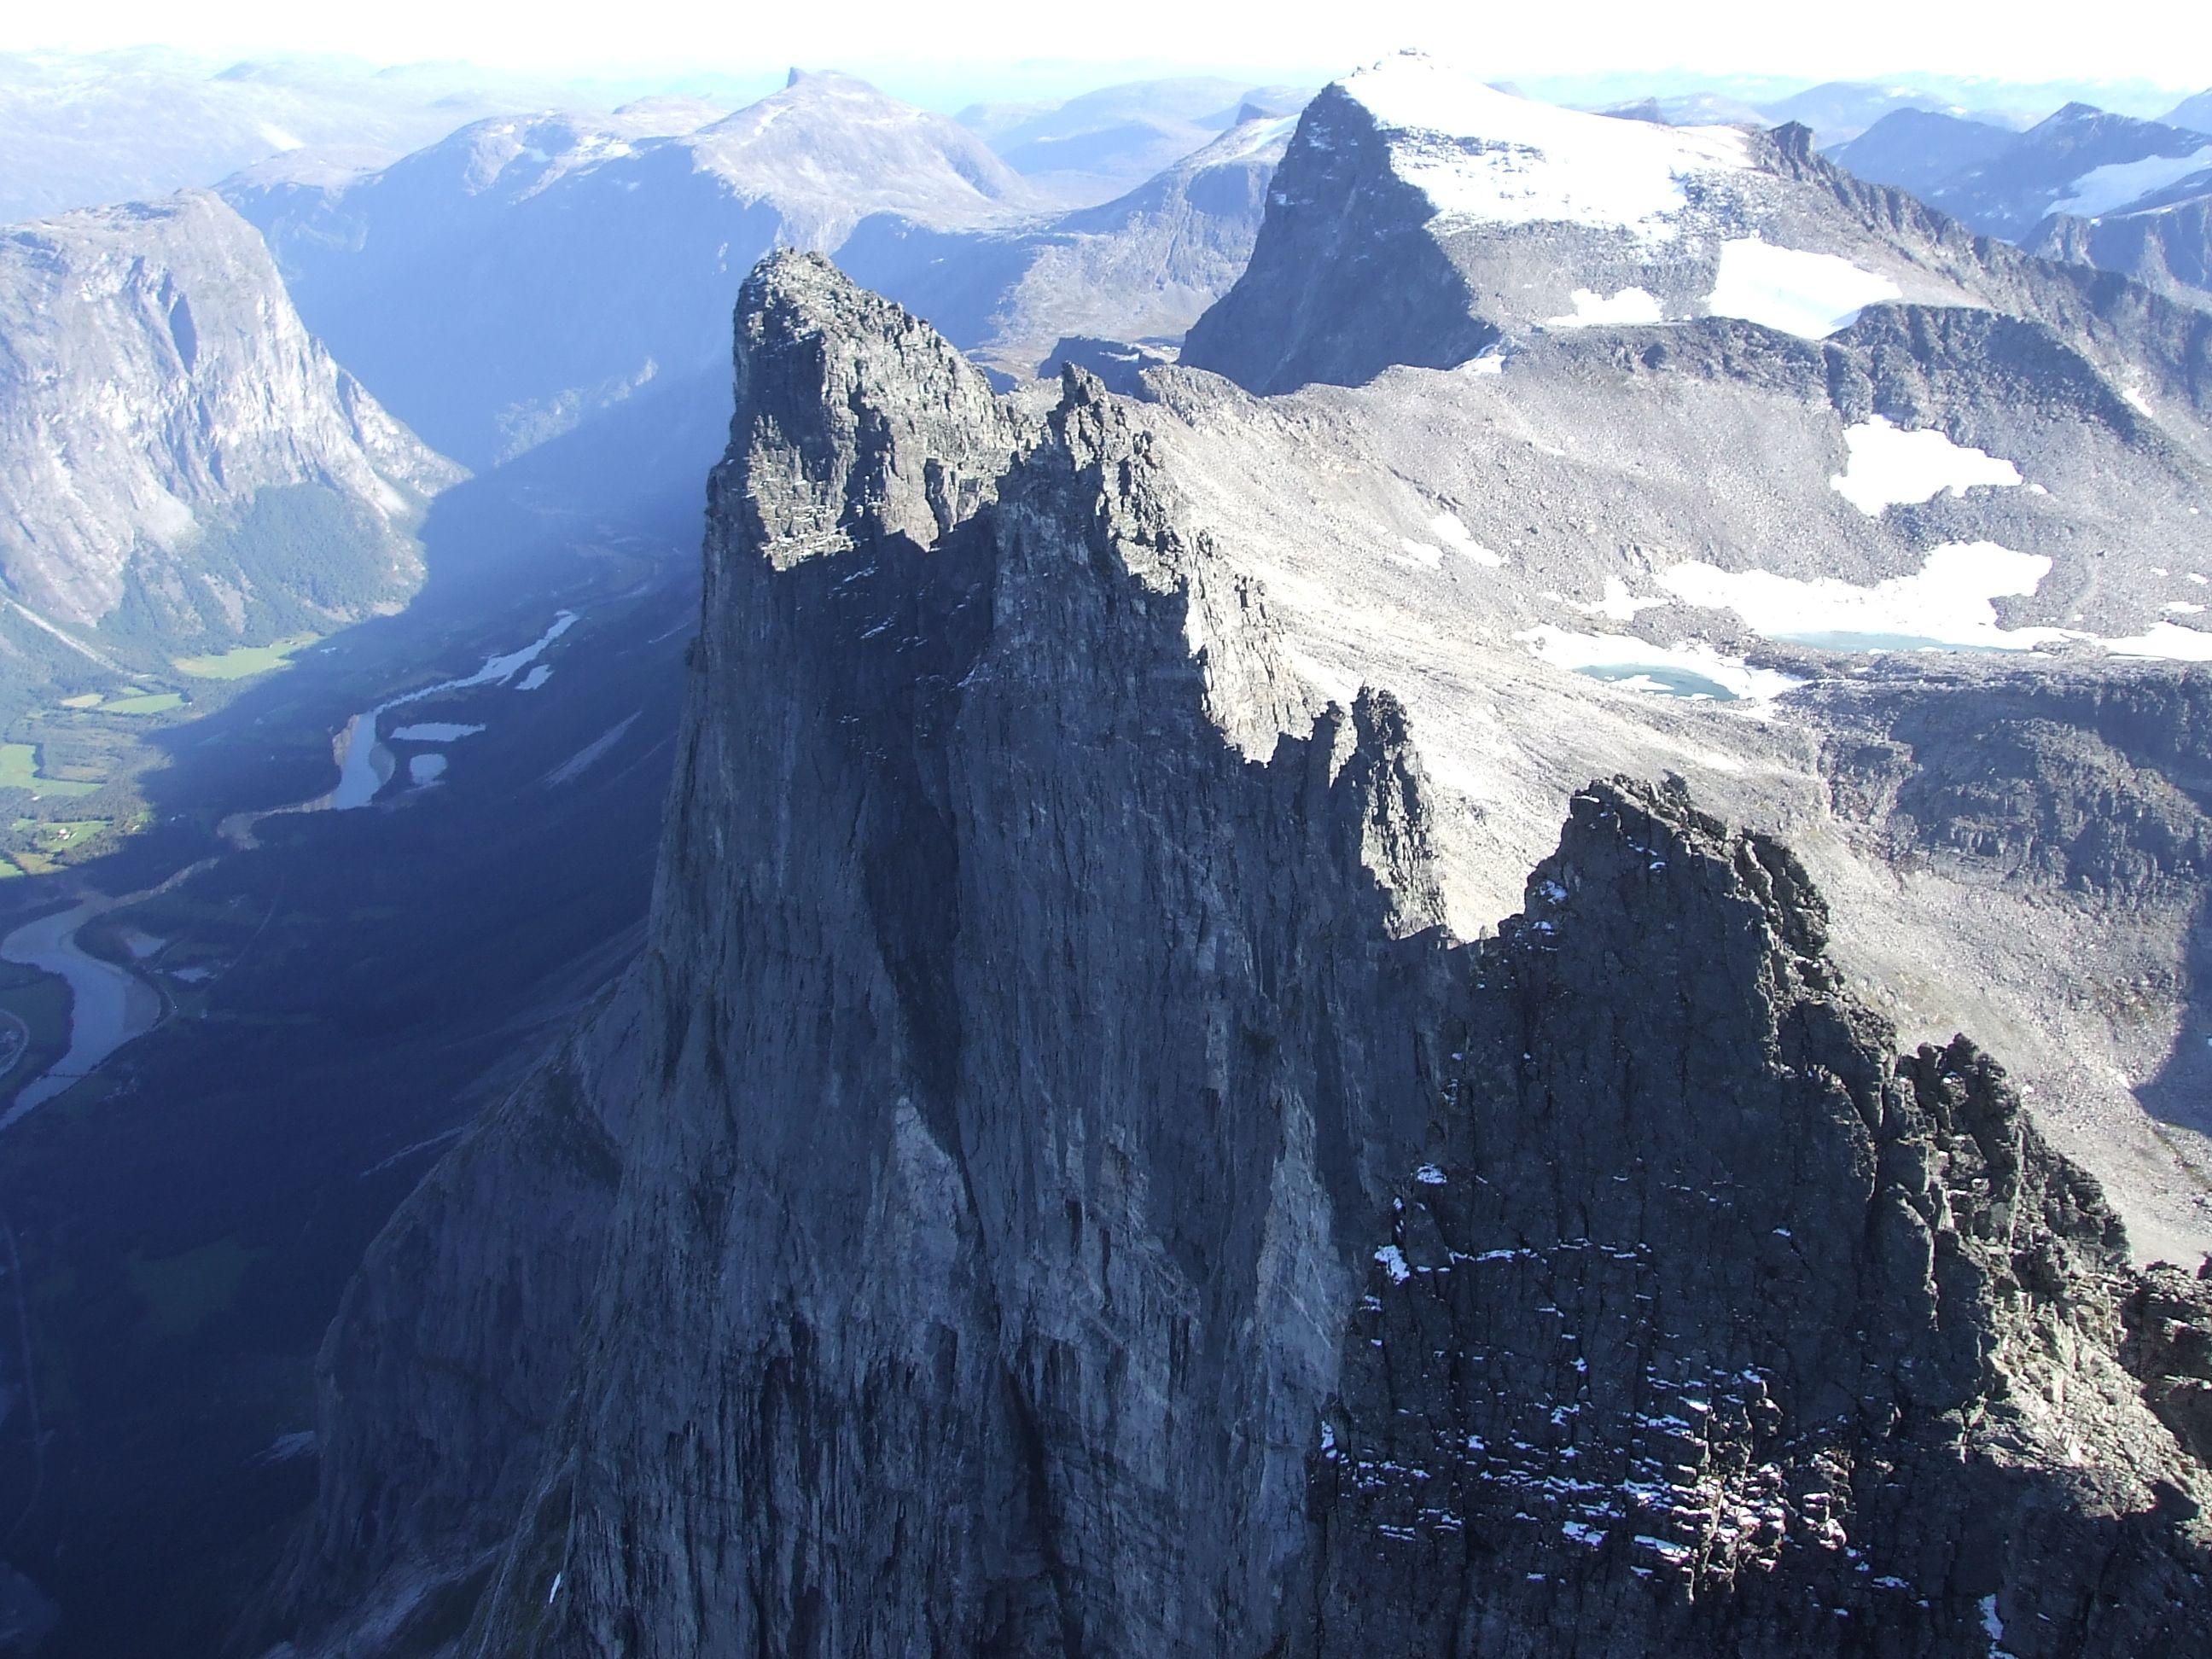 Los acantilados más espectaculares del planeta  38fc65a906c39586c57c2503720a0fb6